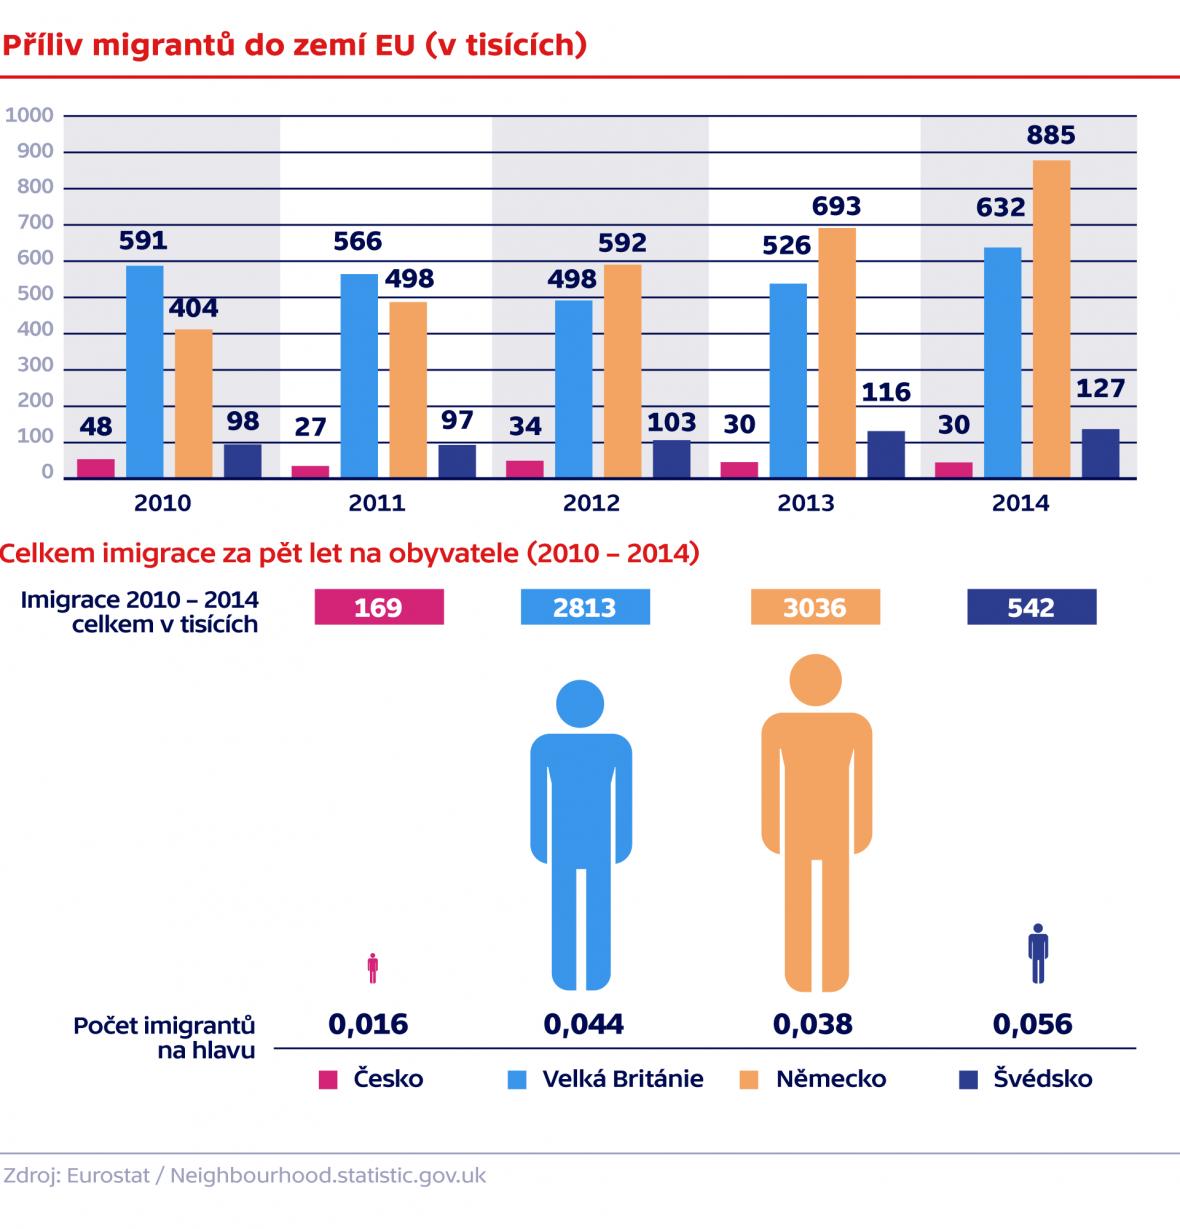 Příliv migrantů do zemí EU